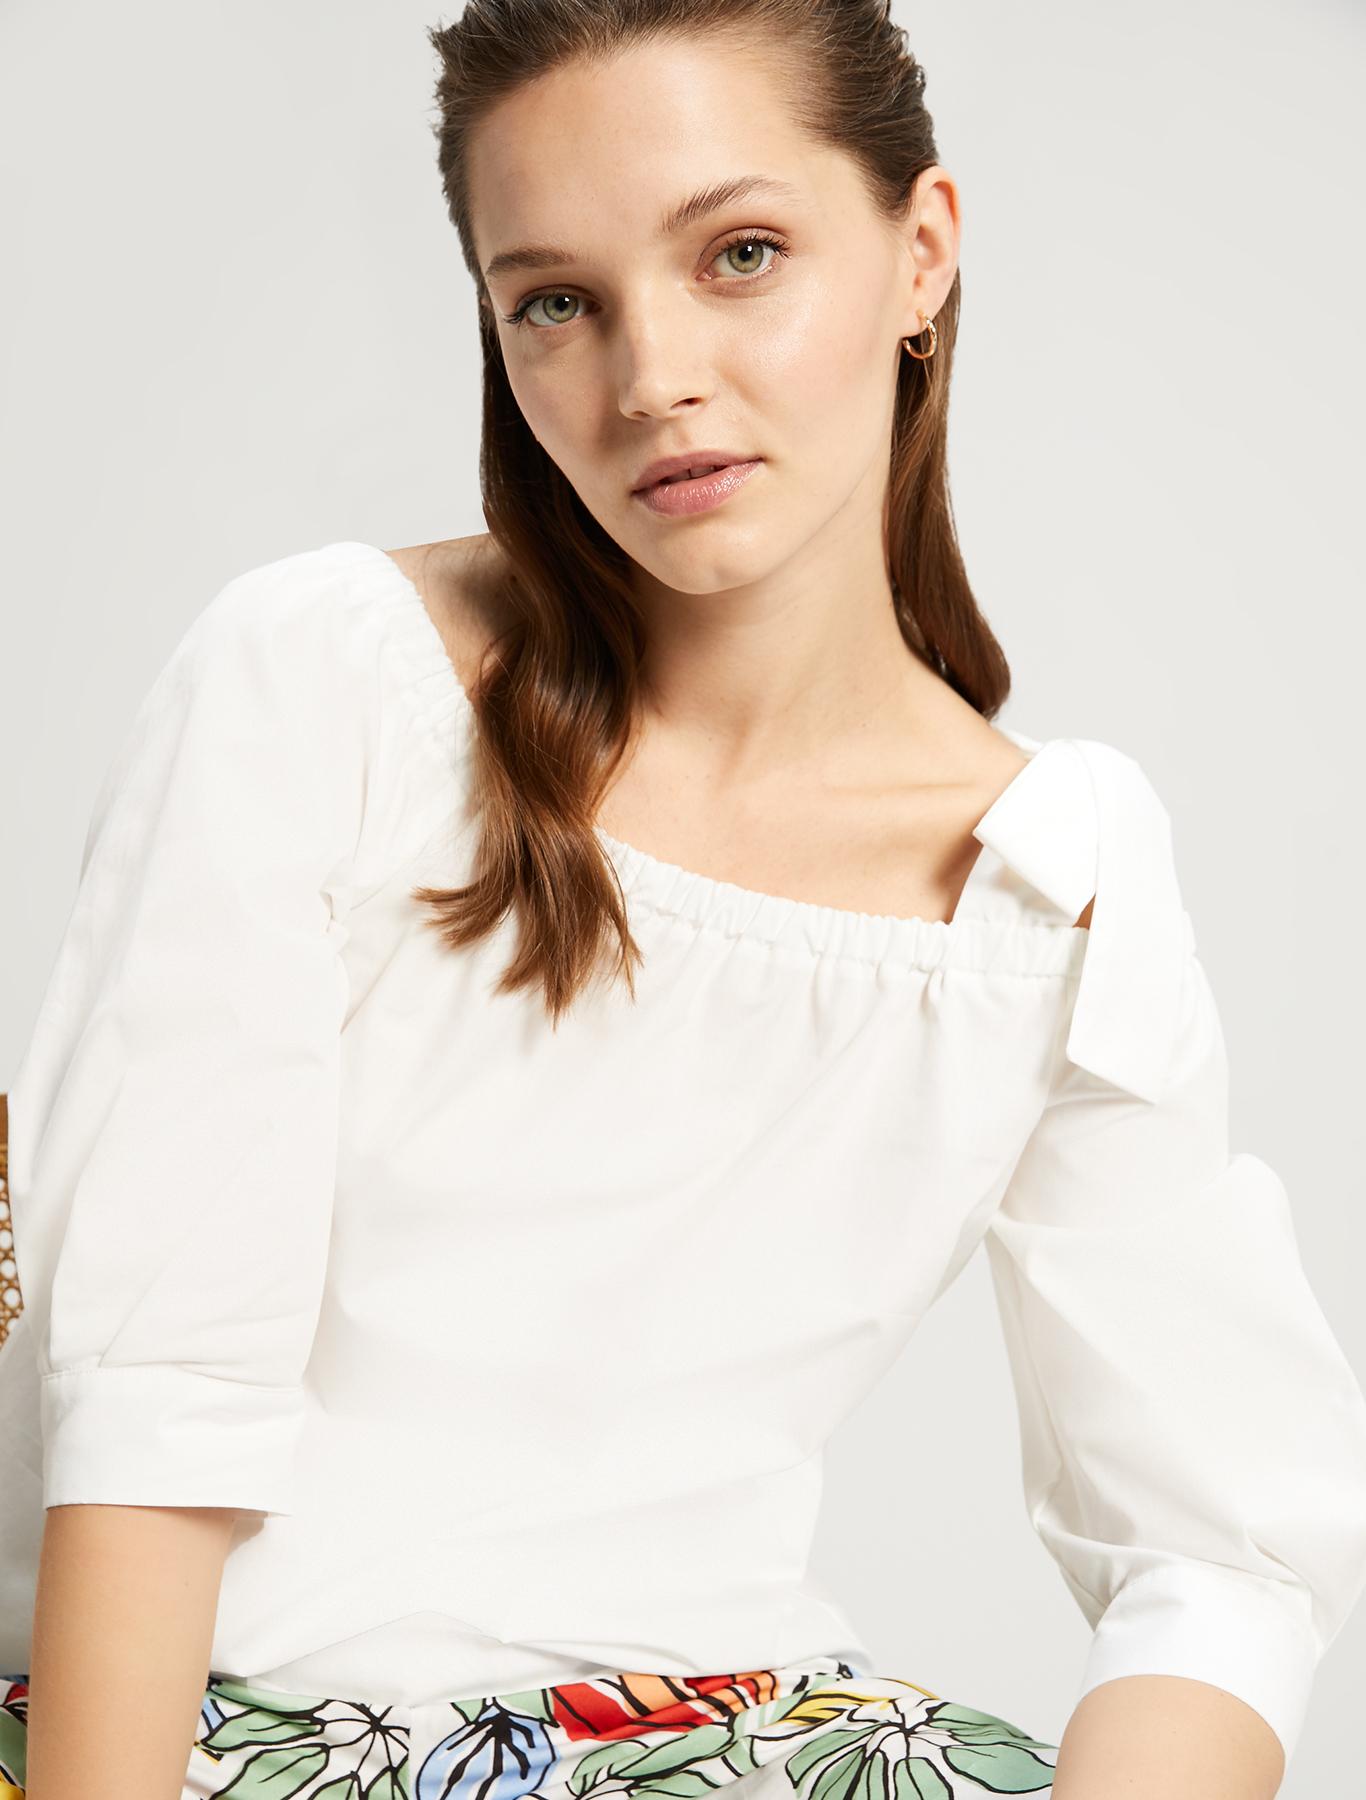 Cotton poplin blouse - white - pennyblack